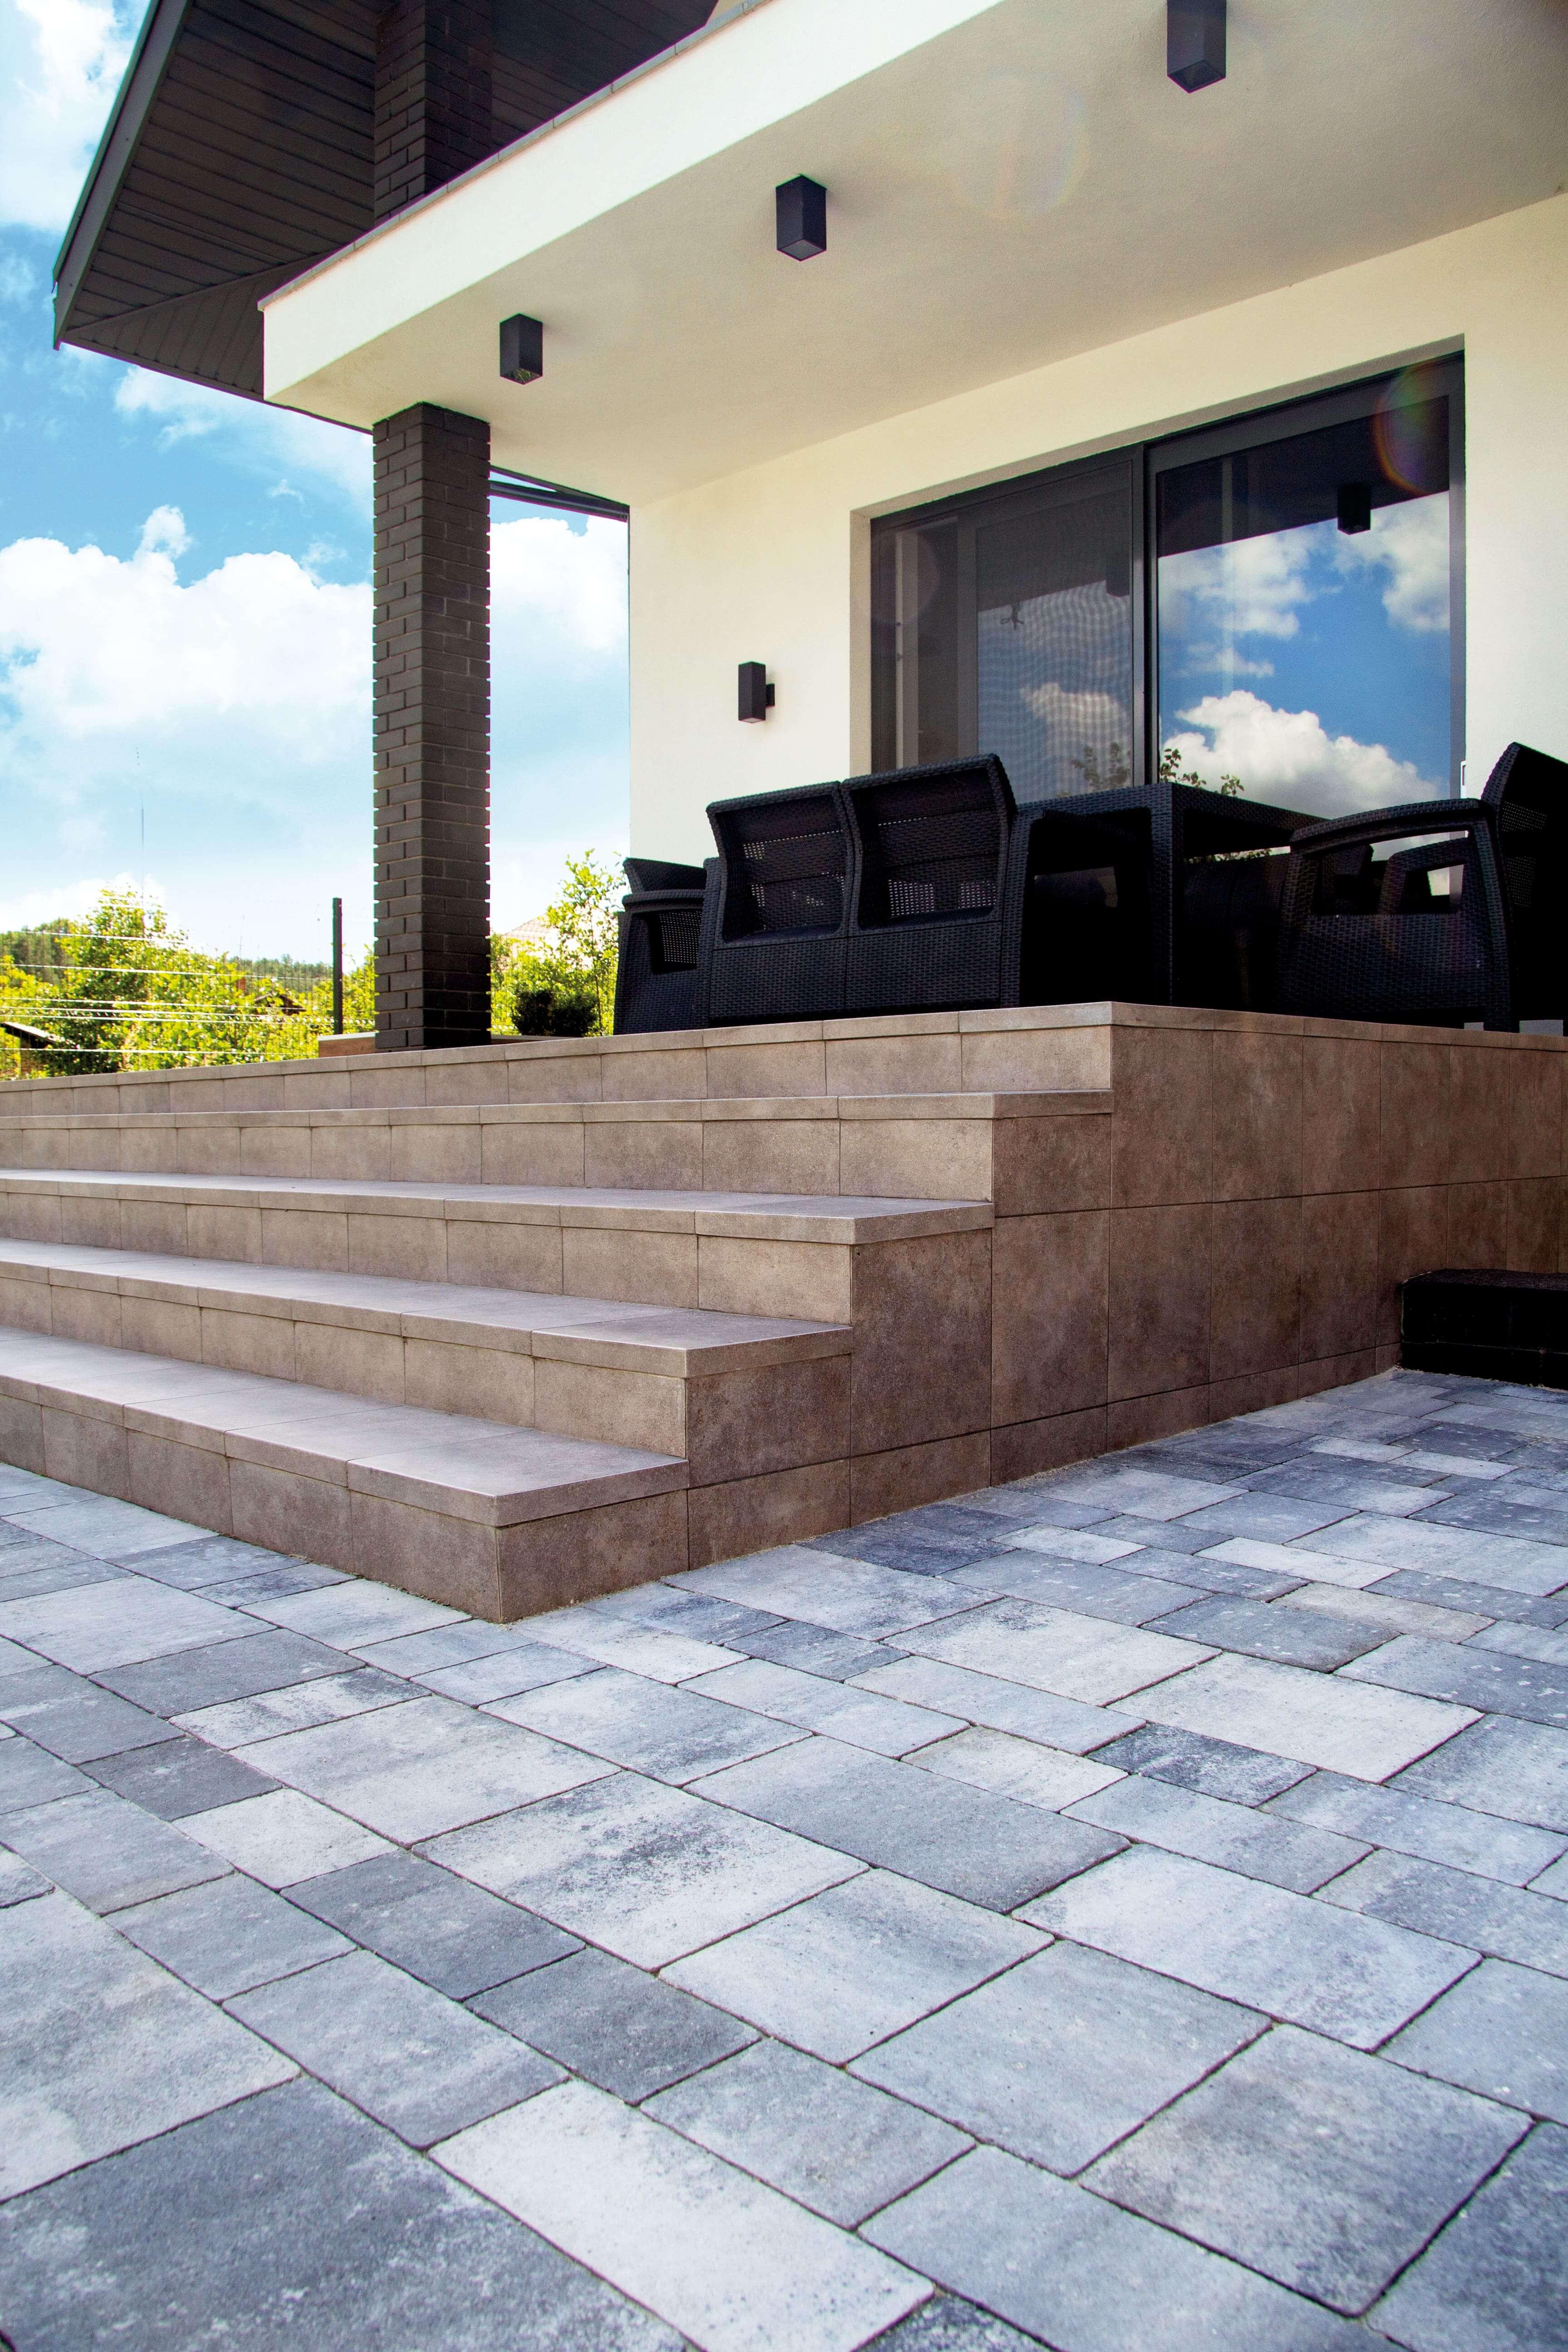 Викладка сходів тротуарною плиткою від салону тротуарної плитки «Melius» Вінниця